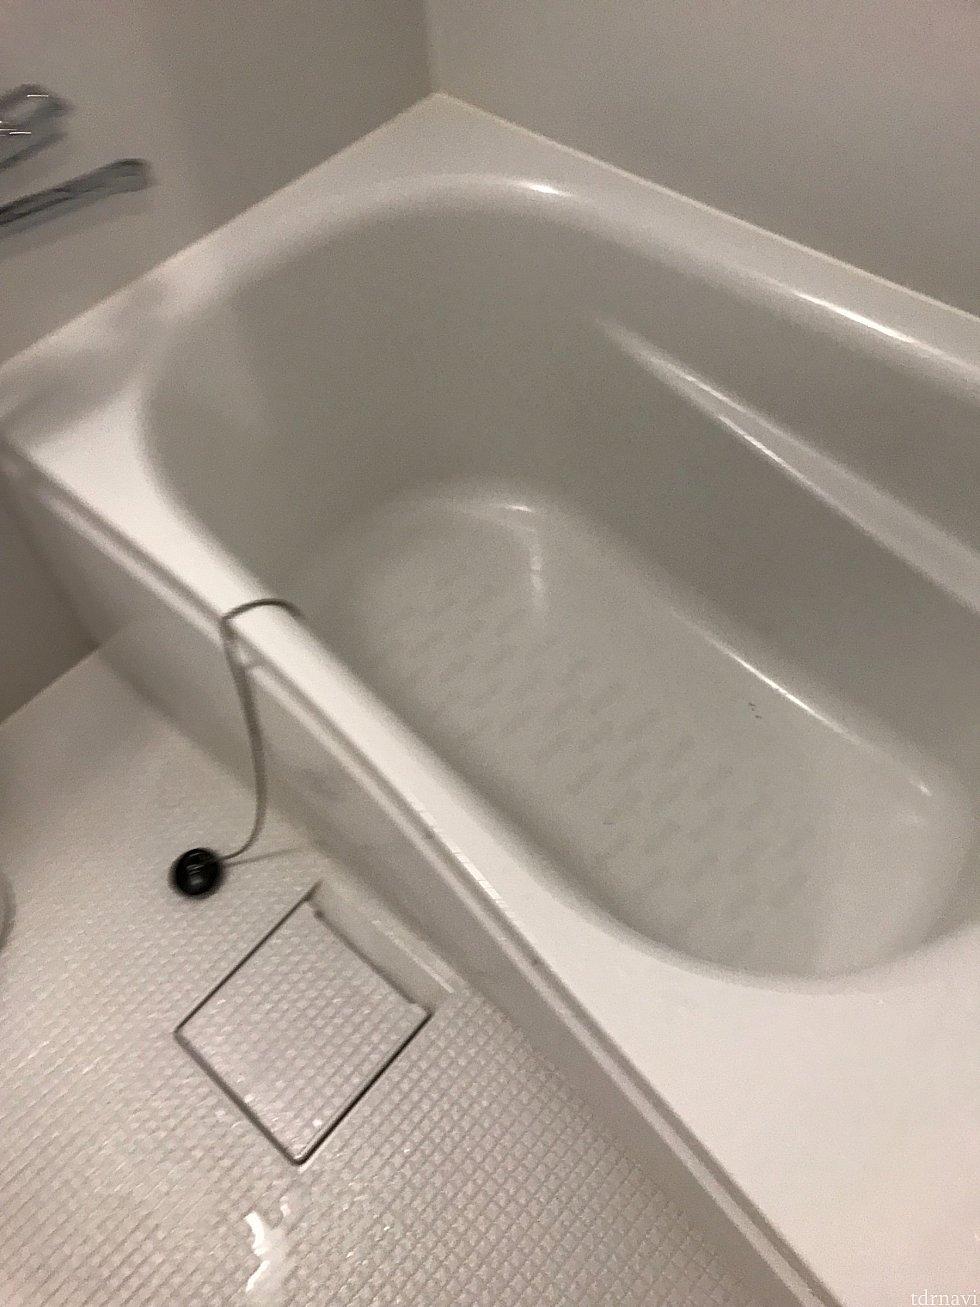 バスタブと洗い場が別々なのは良いですよね❣️